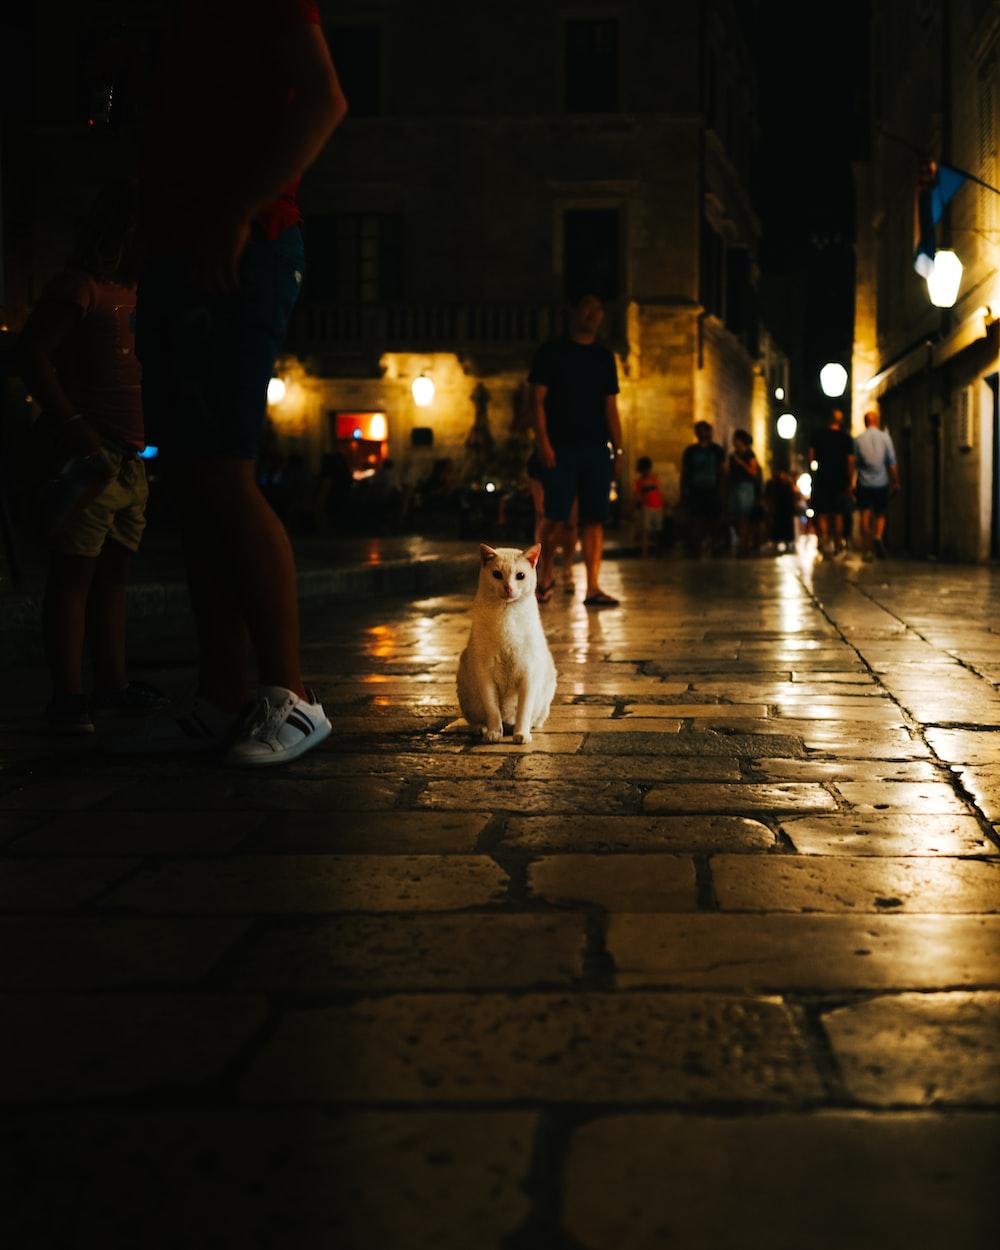 white short coated dog on sidewalk during night time